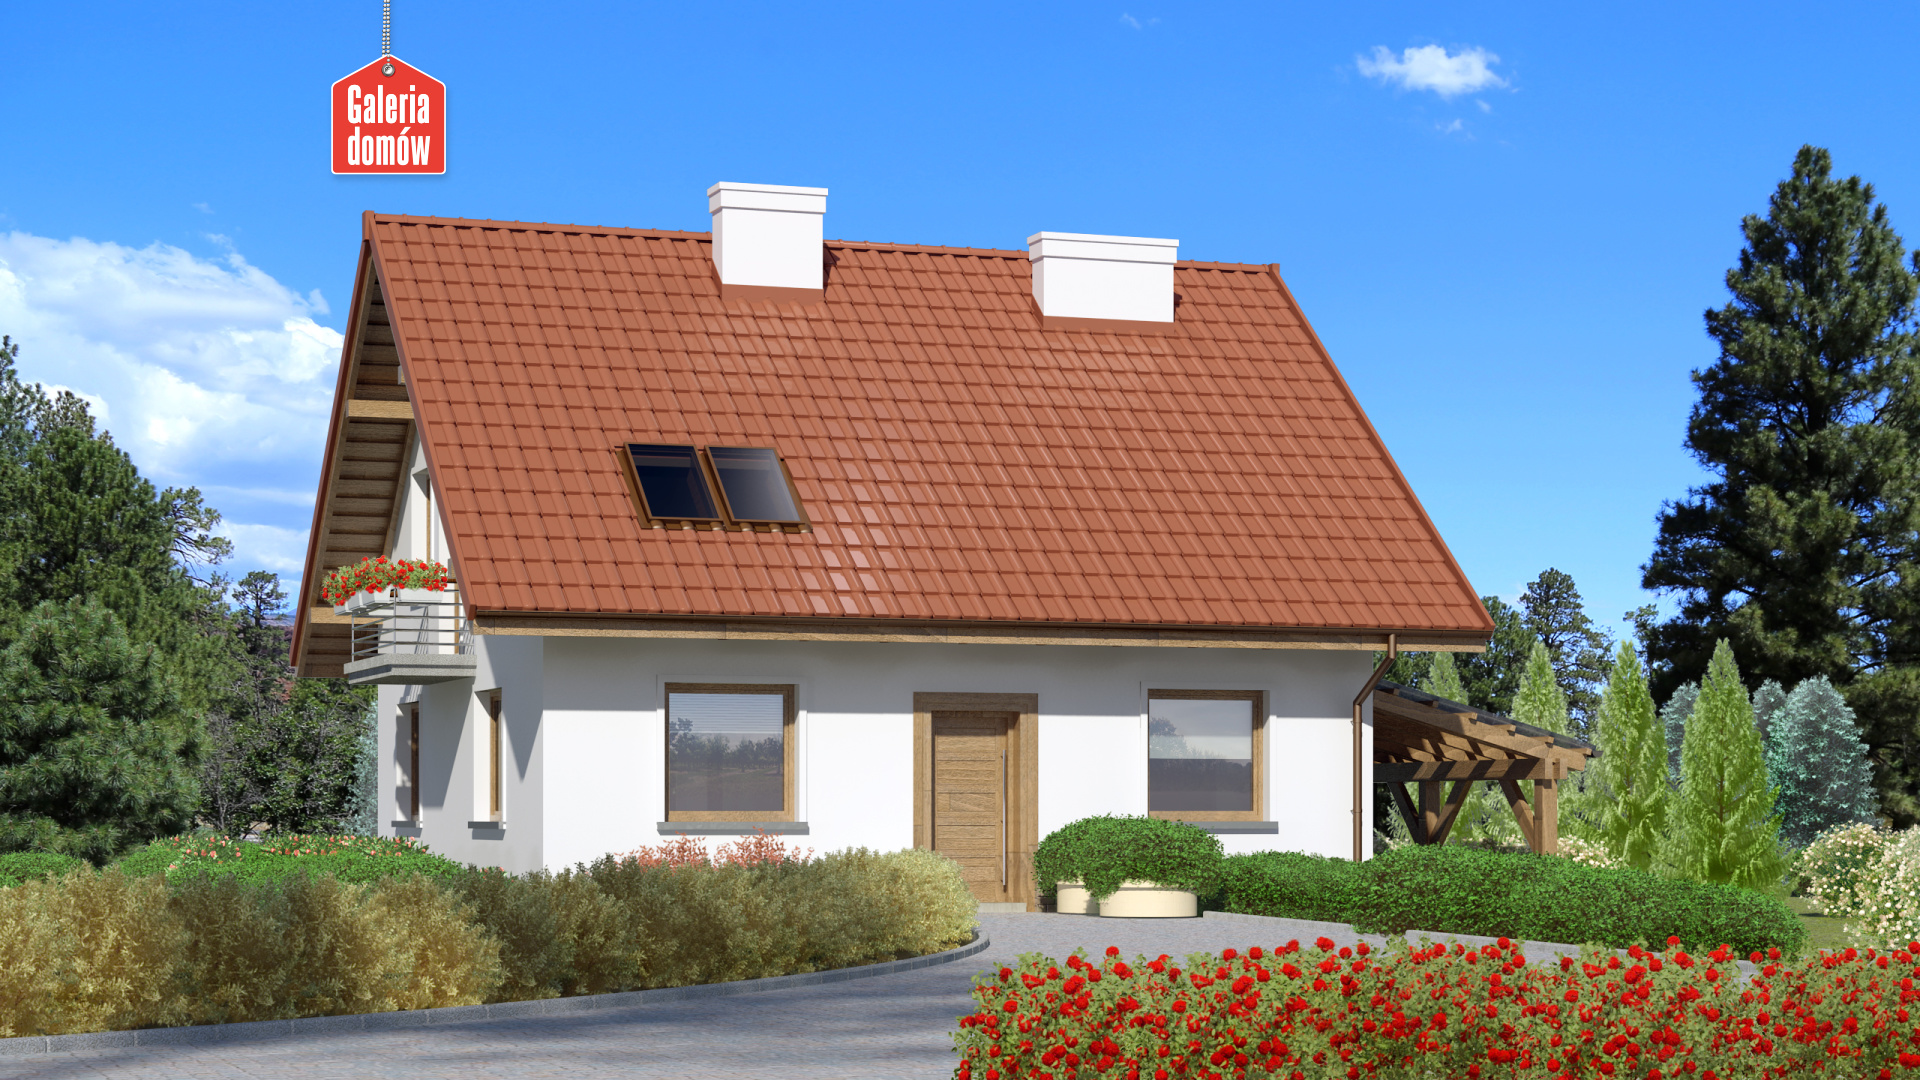 Dom przy Cyprysowej 49 - zdjęcie projektu i wizualizacja